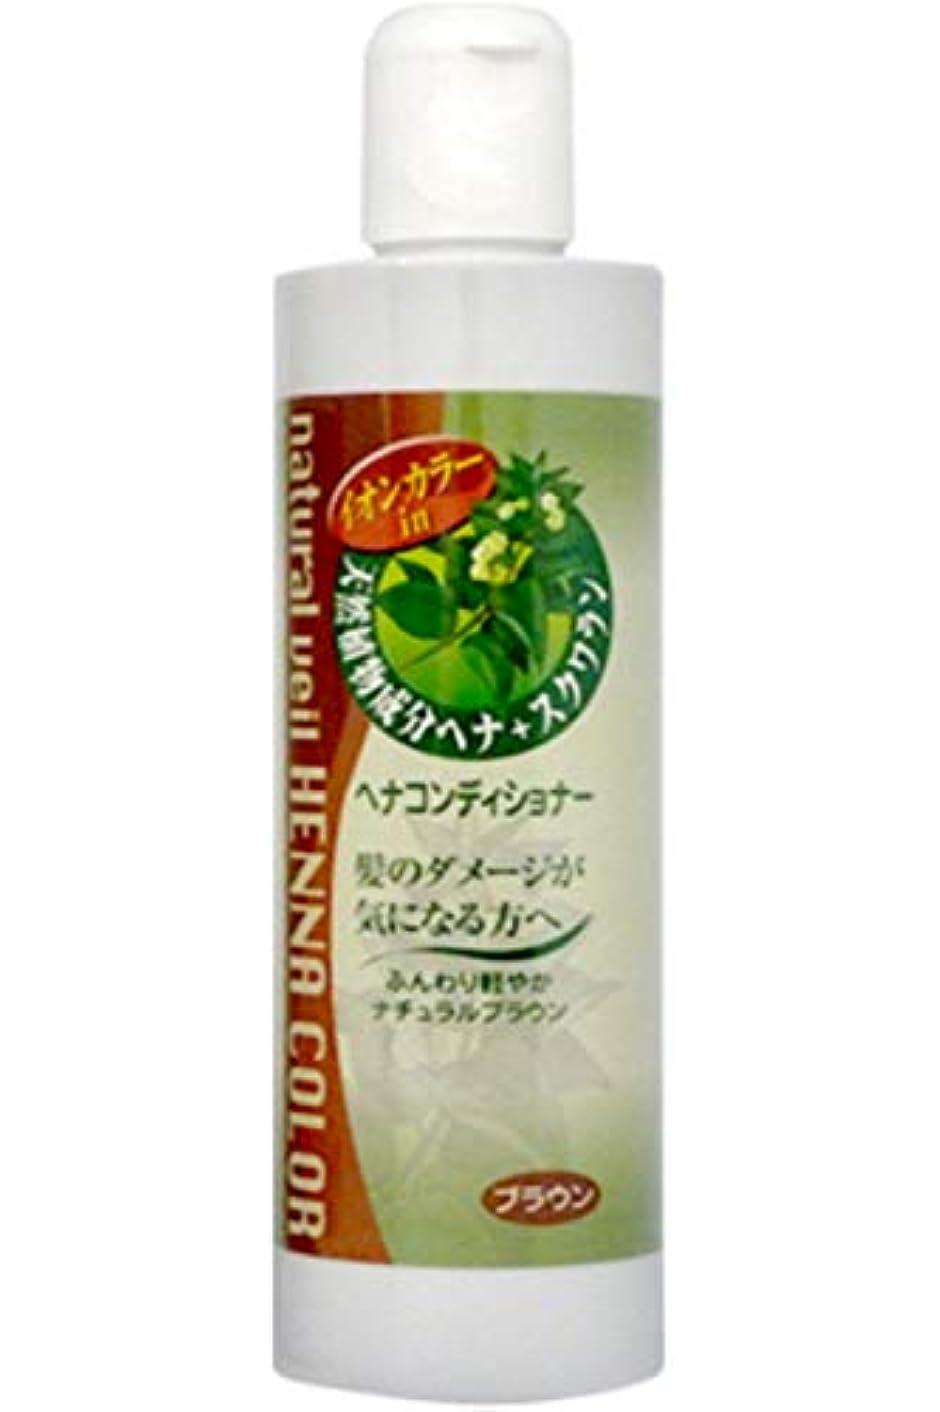 居心地の良い価値形ヘナ コンディショナー1本300ml【ブラウン】 洗い流すたびに少しずつムラなく髪が染まる 時間をおく必要なし 洗い流すだけ ヘアカラー 白髪 染め 日本製 Ho-90257